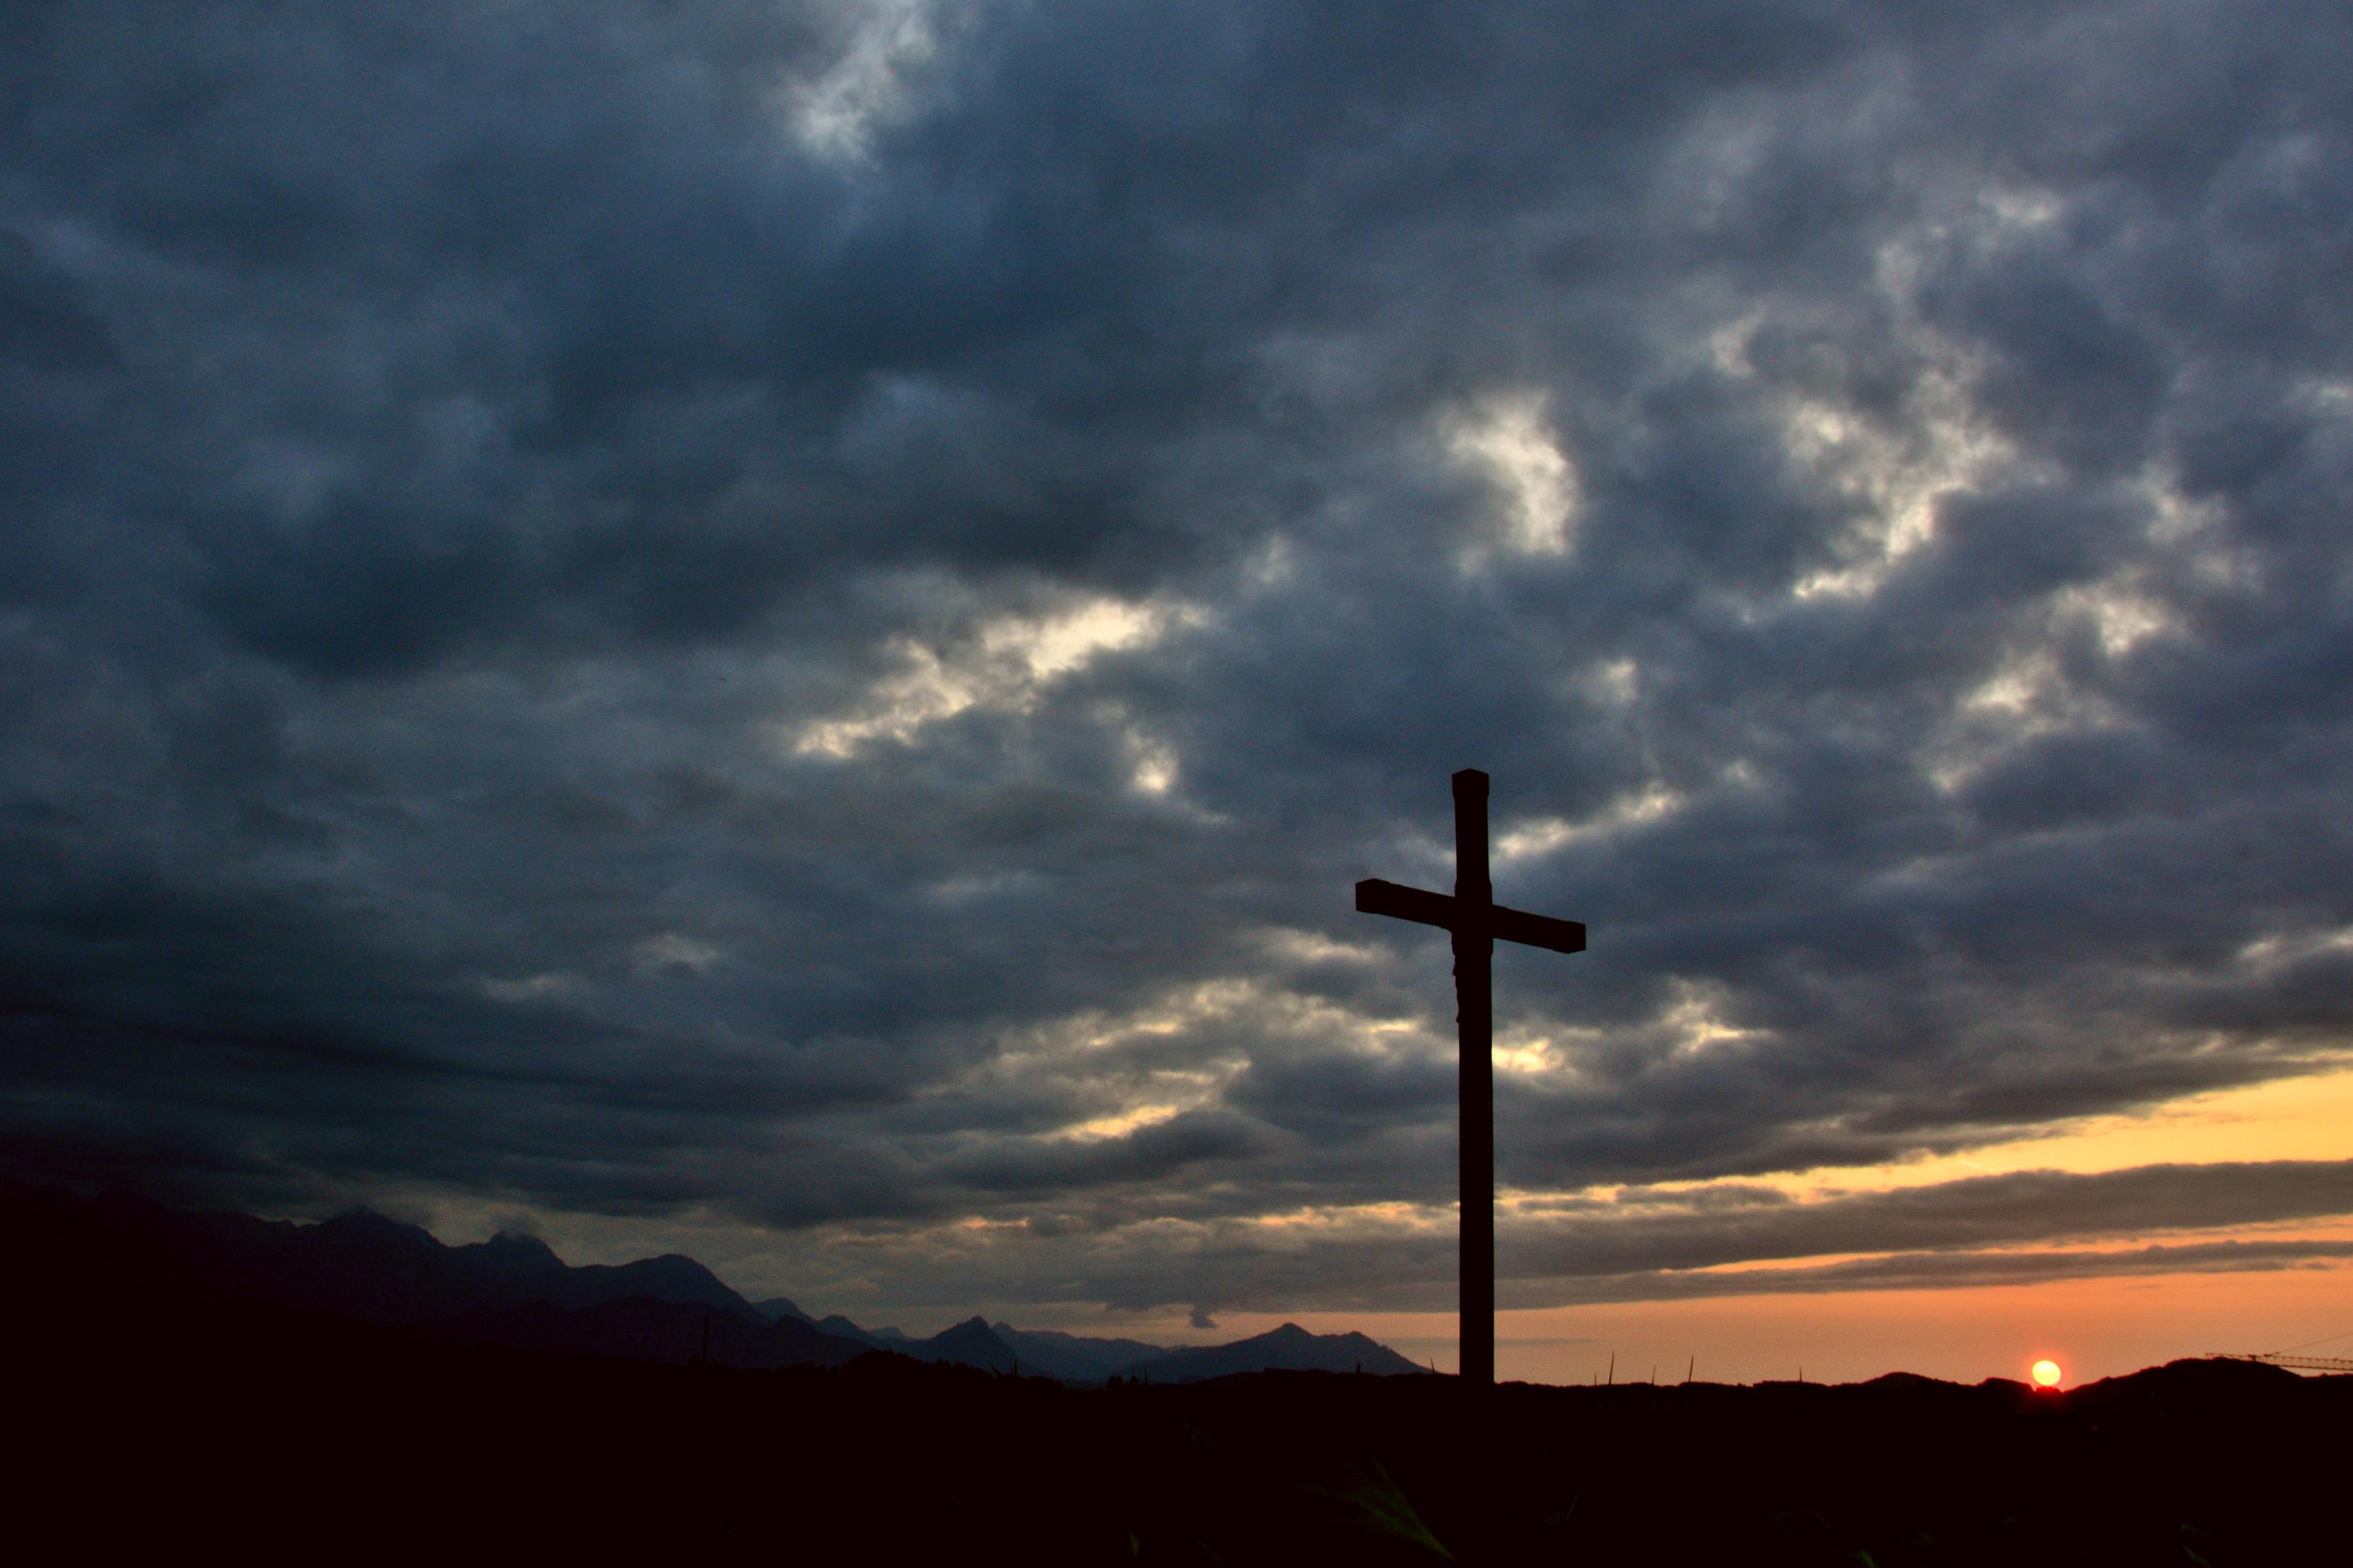 H0186 Sonnenuntergang Auf der Leite Buching.jpg